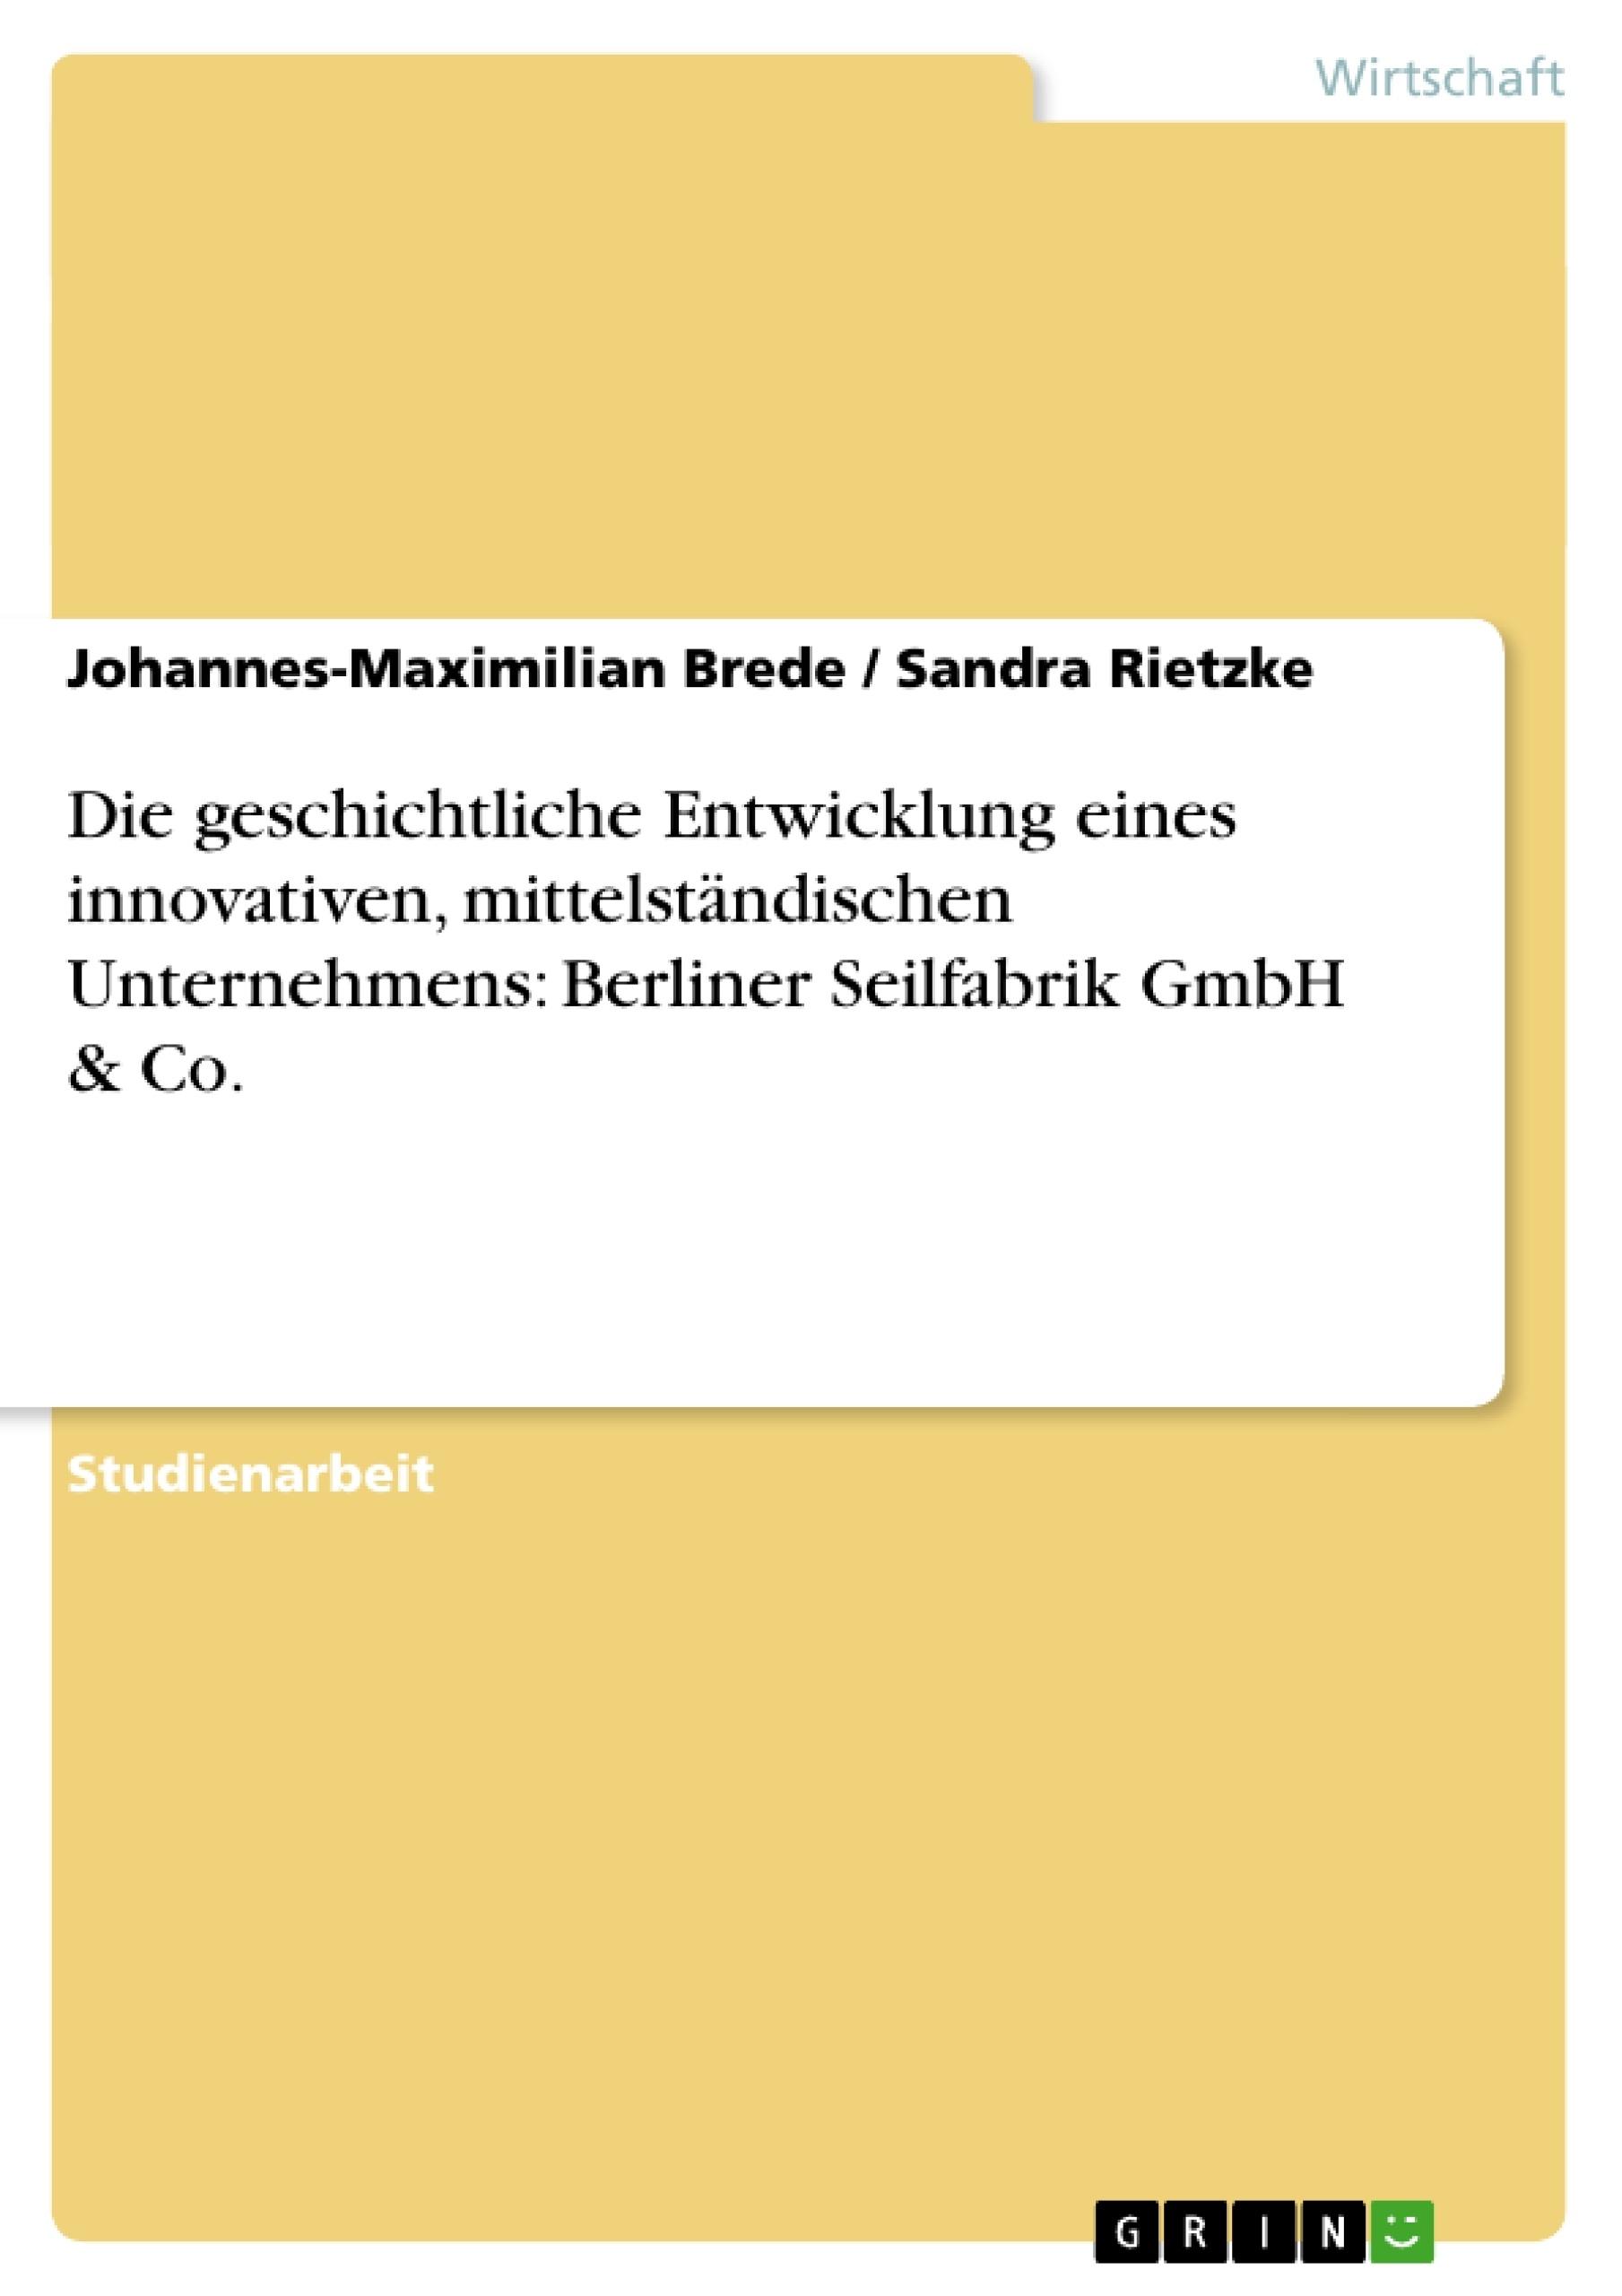 Titel: Die geschichtliche Entwicklung eines innovativen, mittelständischen Unternehmens: Berliner Seilfabrik GmbH  & Co.